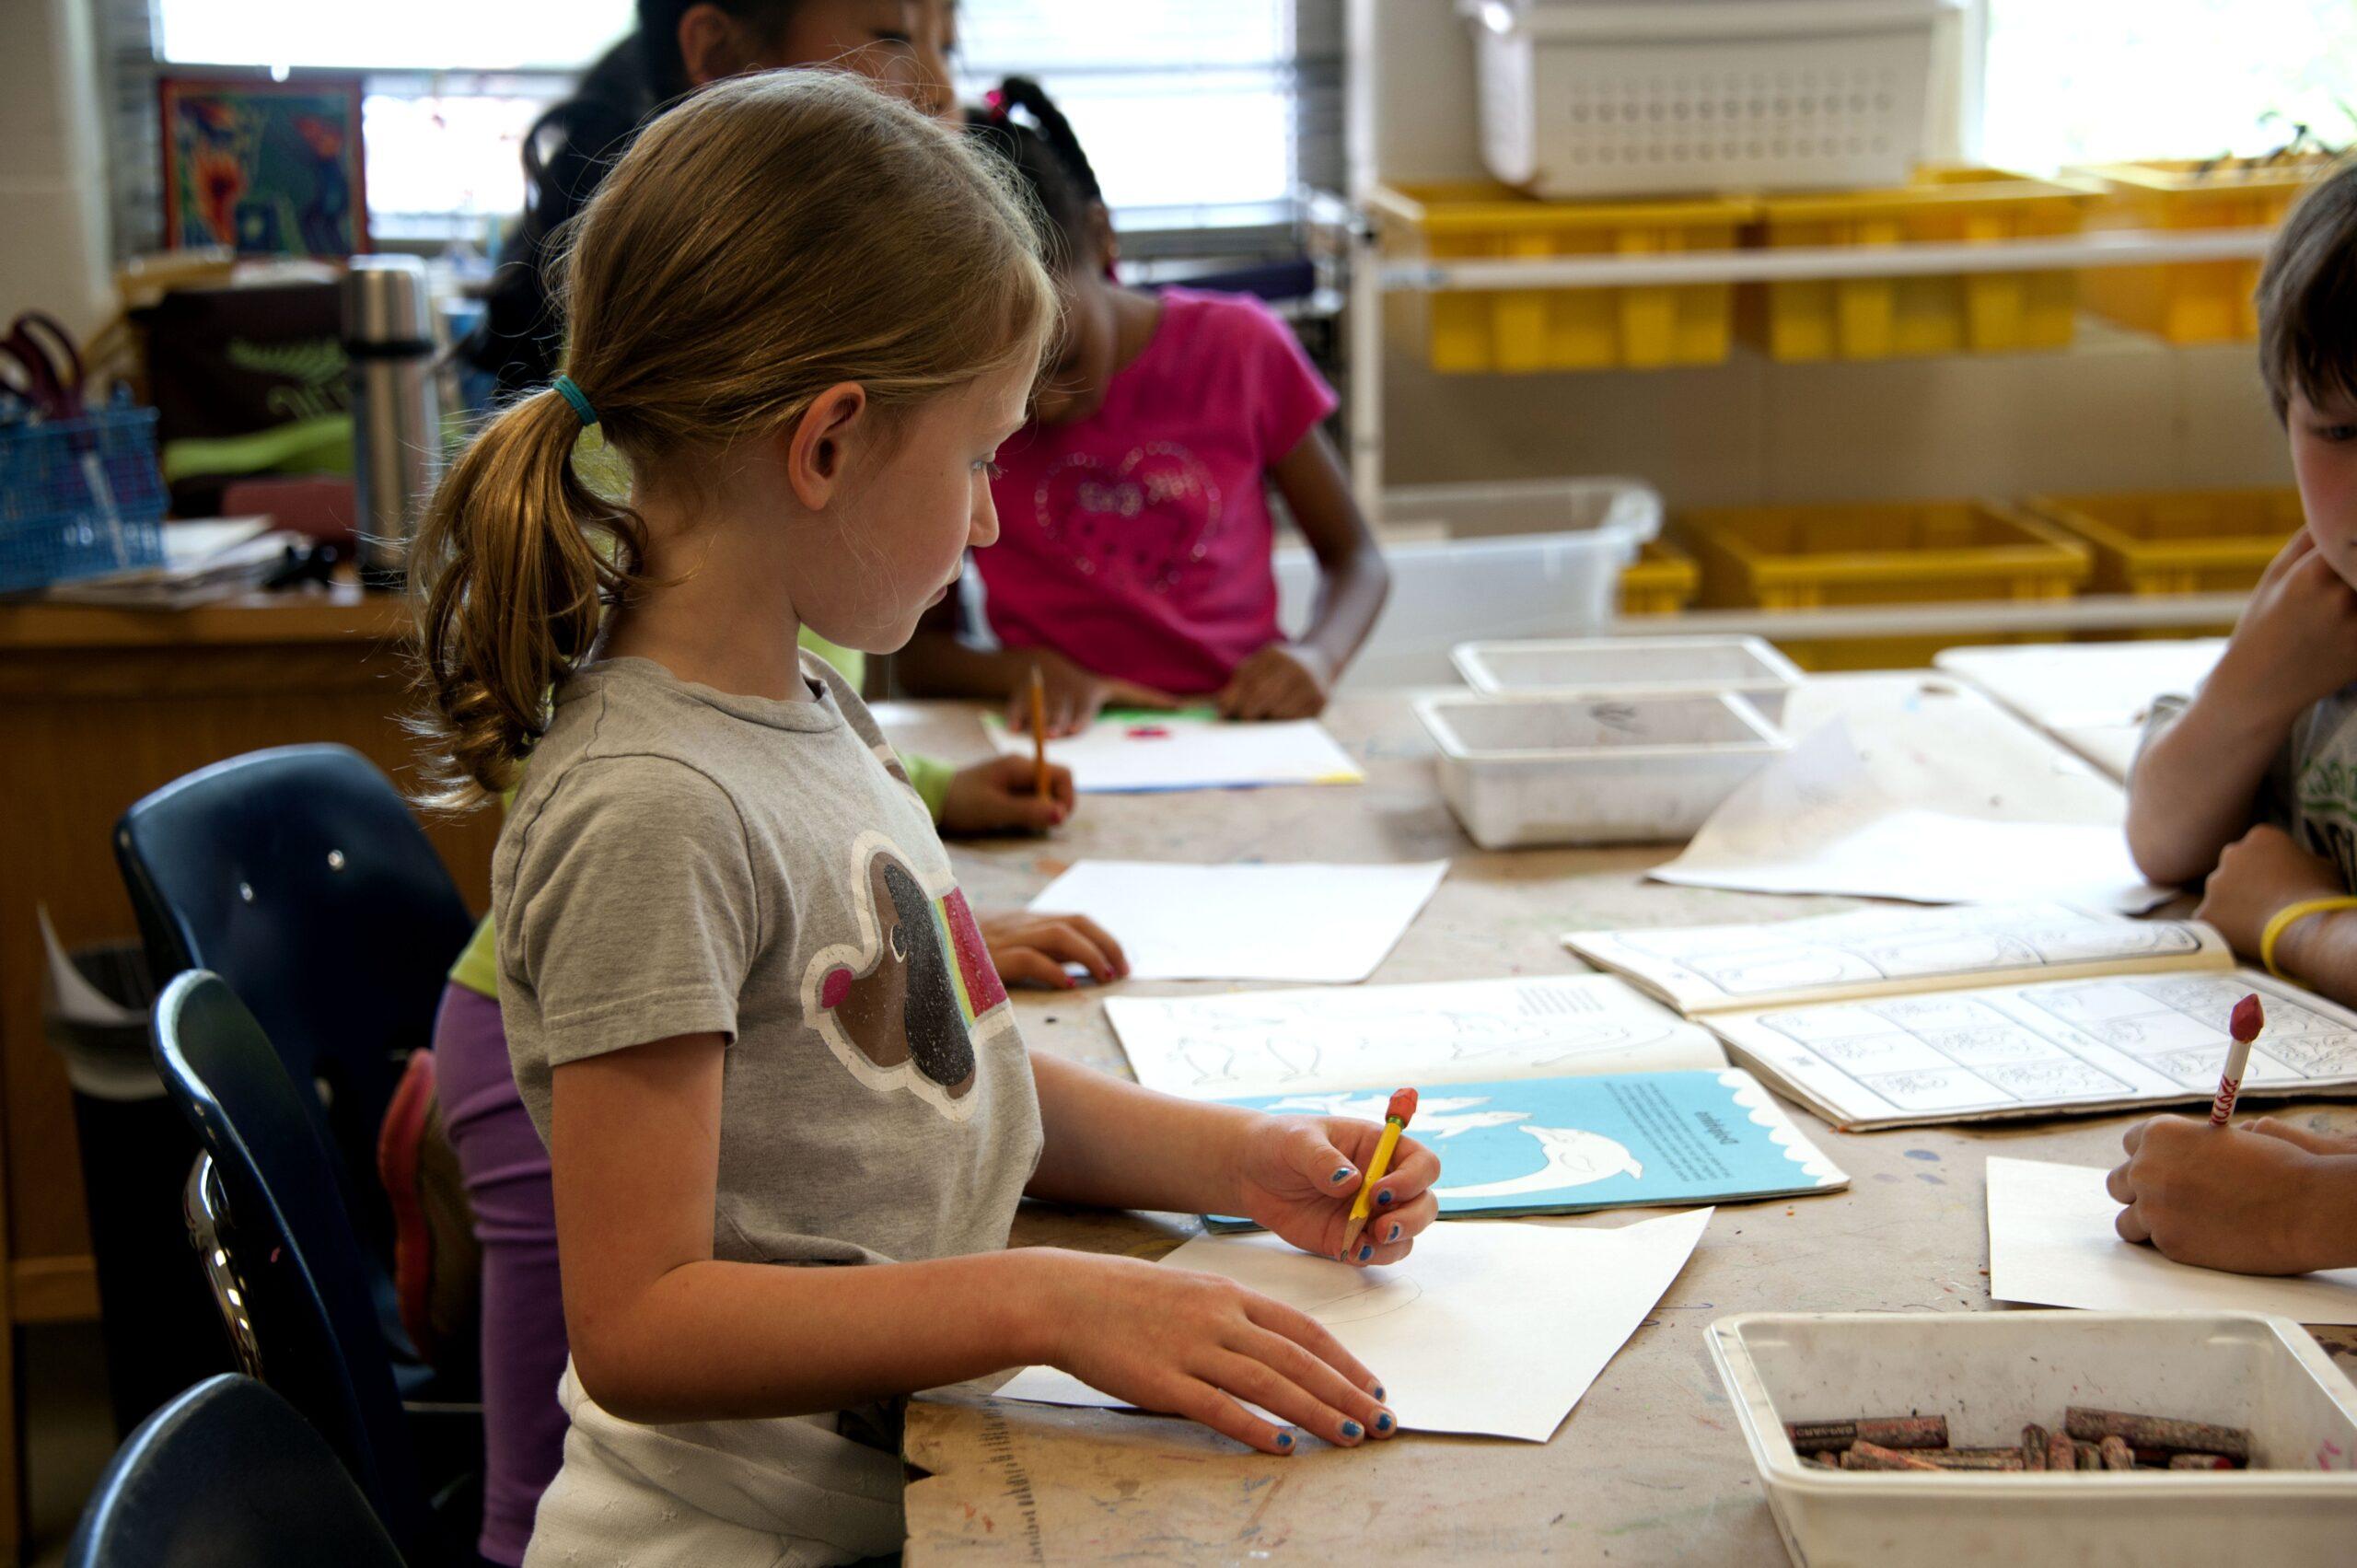 Menina desenhando na escola, com outras crianças. Imagem ilustrativa texto criar histórias em quadrinhos.